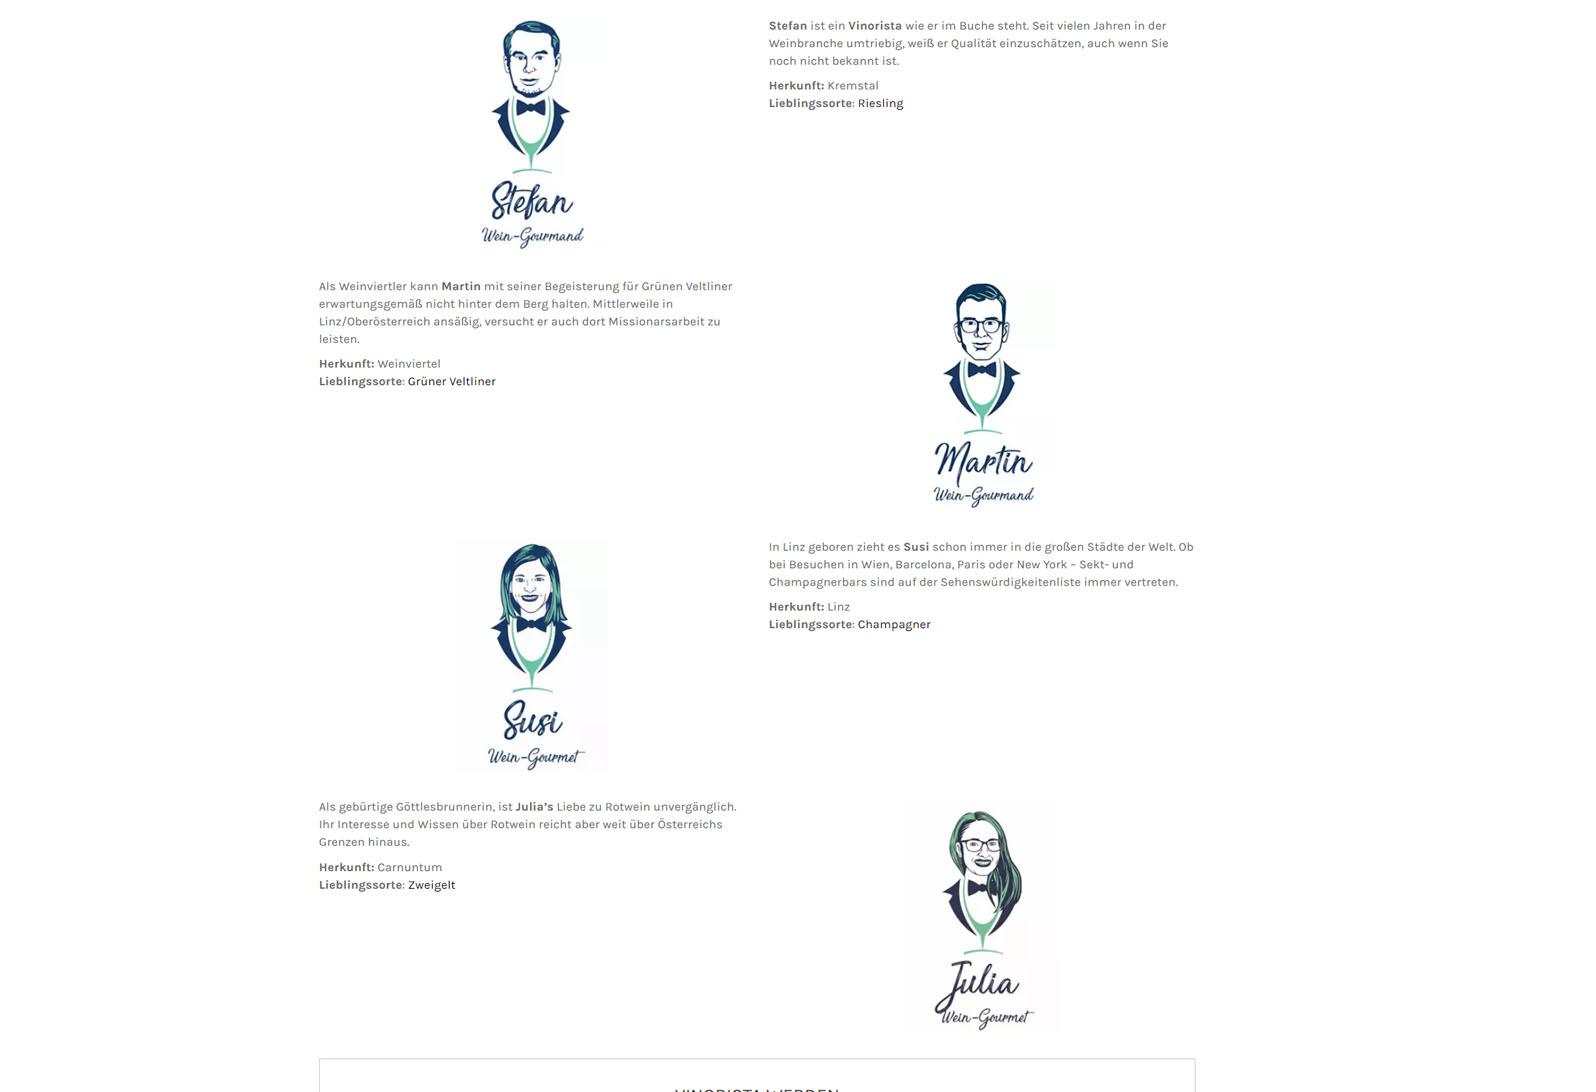 Die sogenannten Vinoristi sind die Botschafter von Vinorista.com - Sie verkosten jeden Wein der auf der Website zu erwerben ist und bringen somit eine persönliche Note ein.